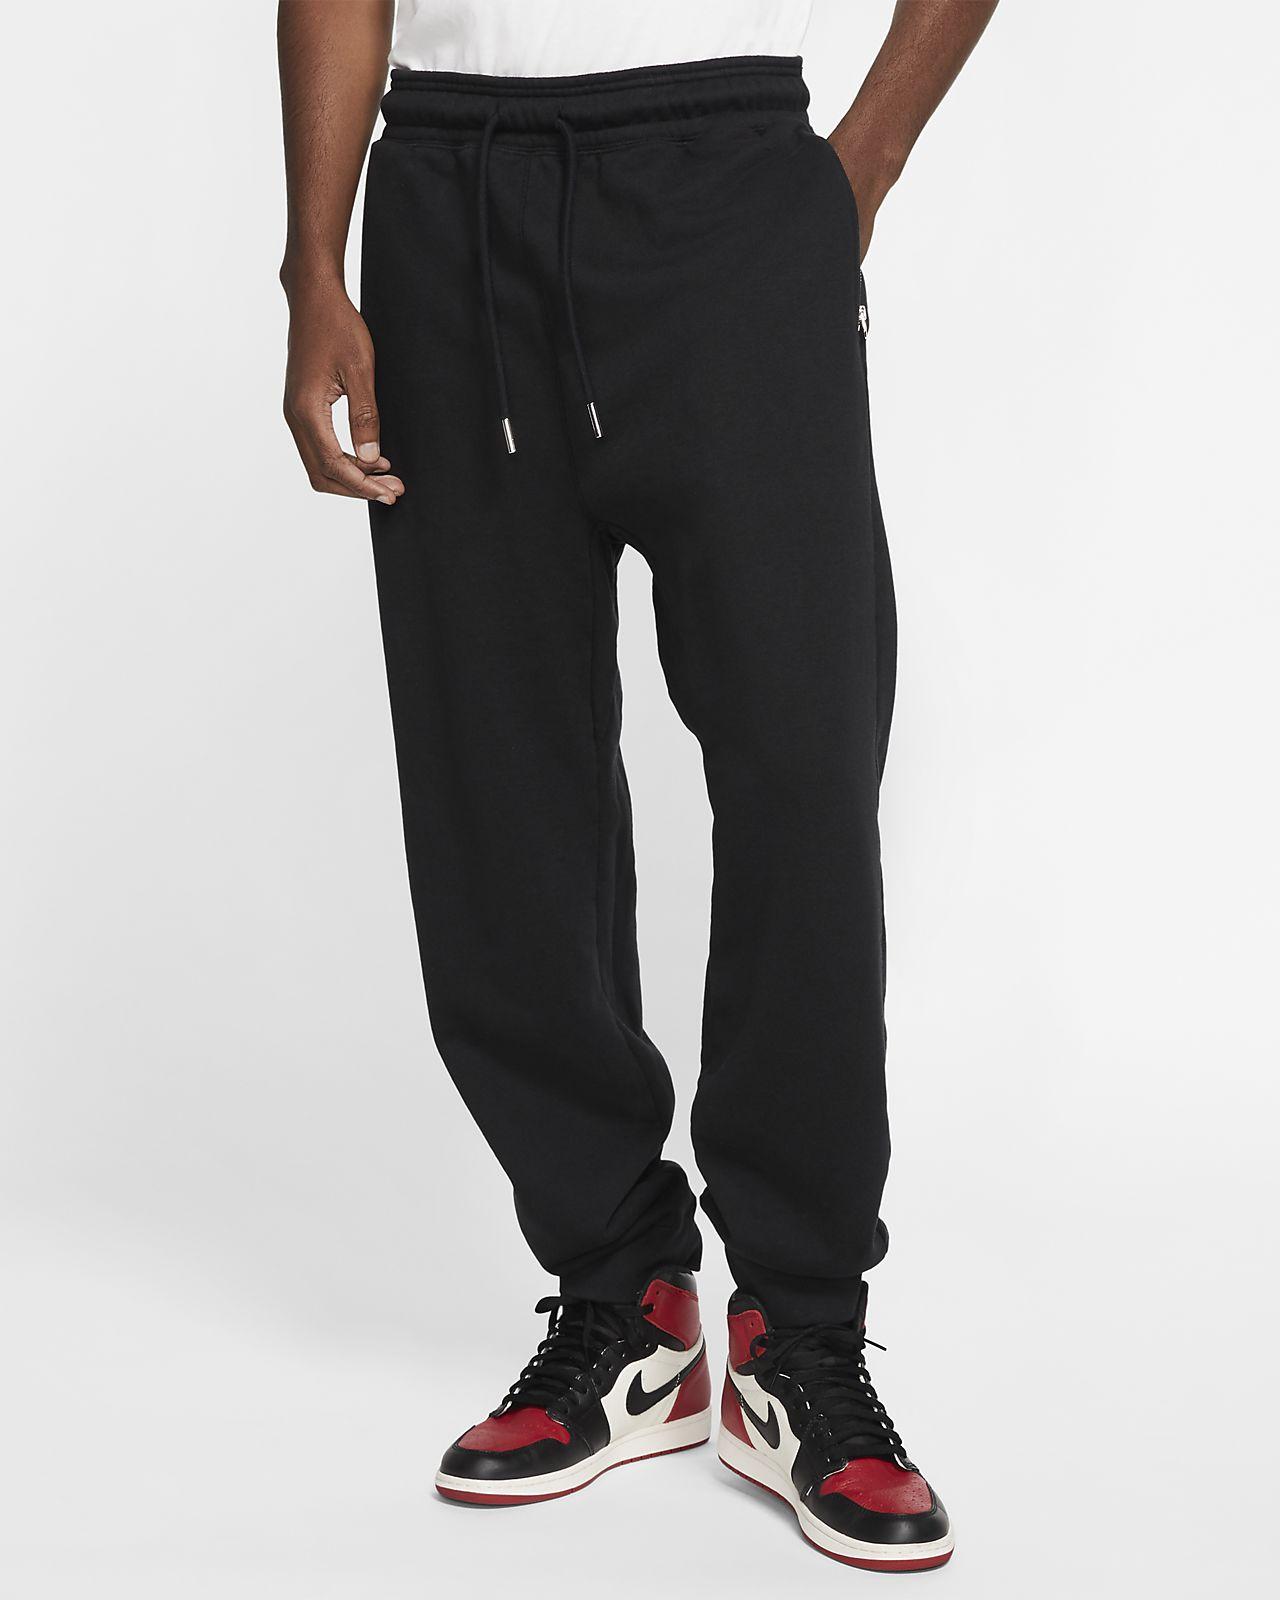 Flísové kalhoty Jordan Black Cat